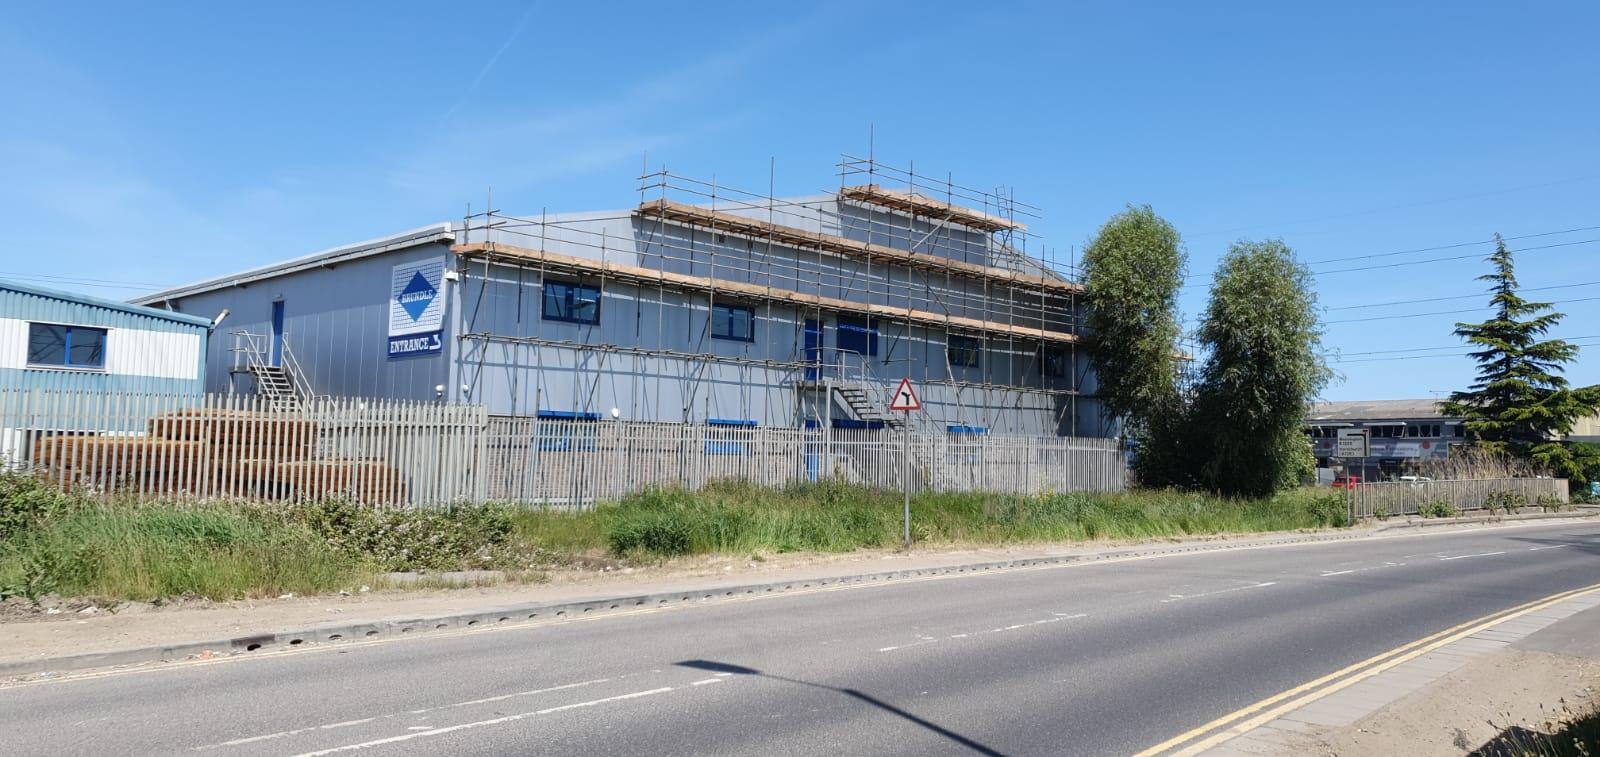 Warehouse roof in Rainham, Essex